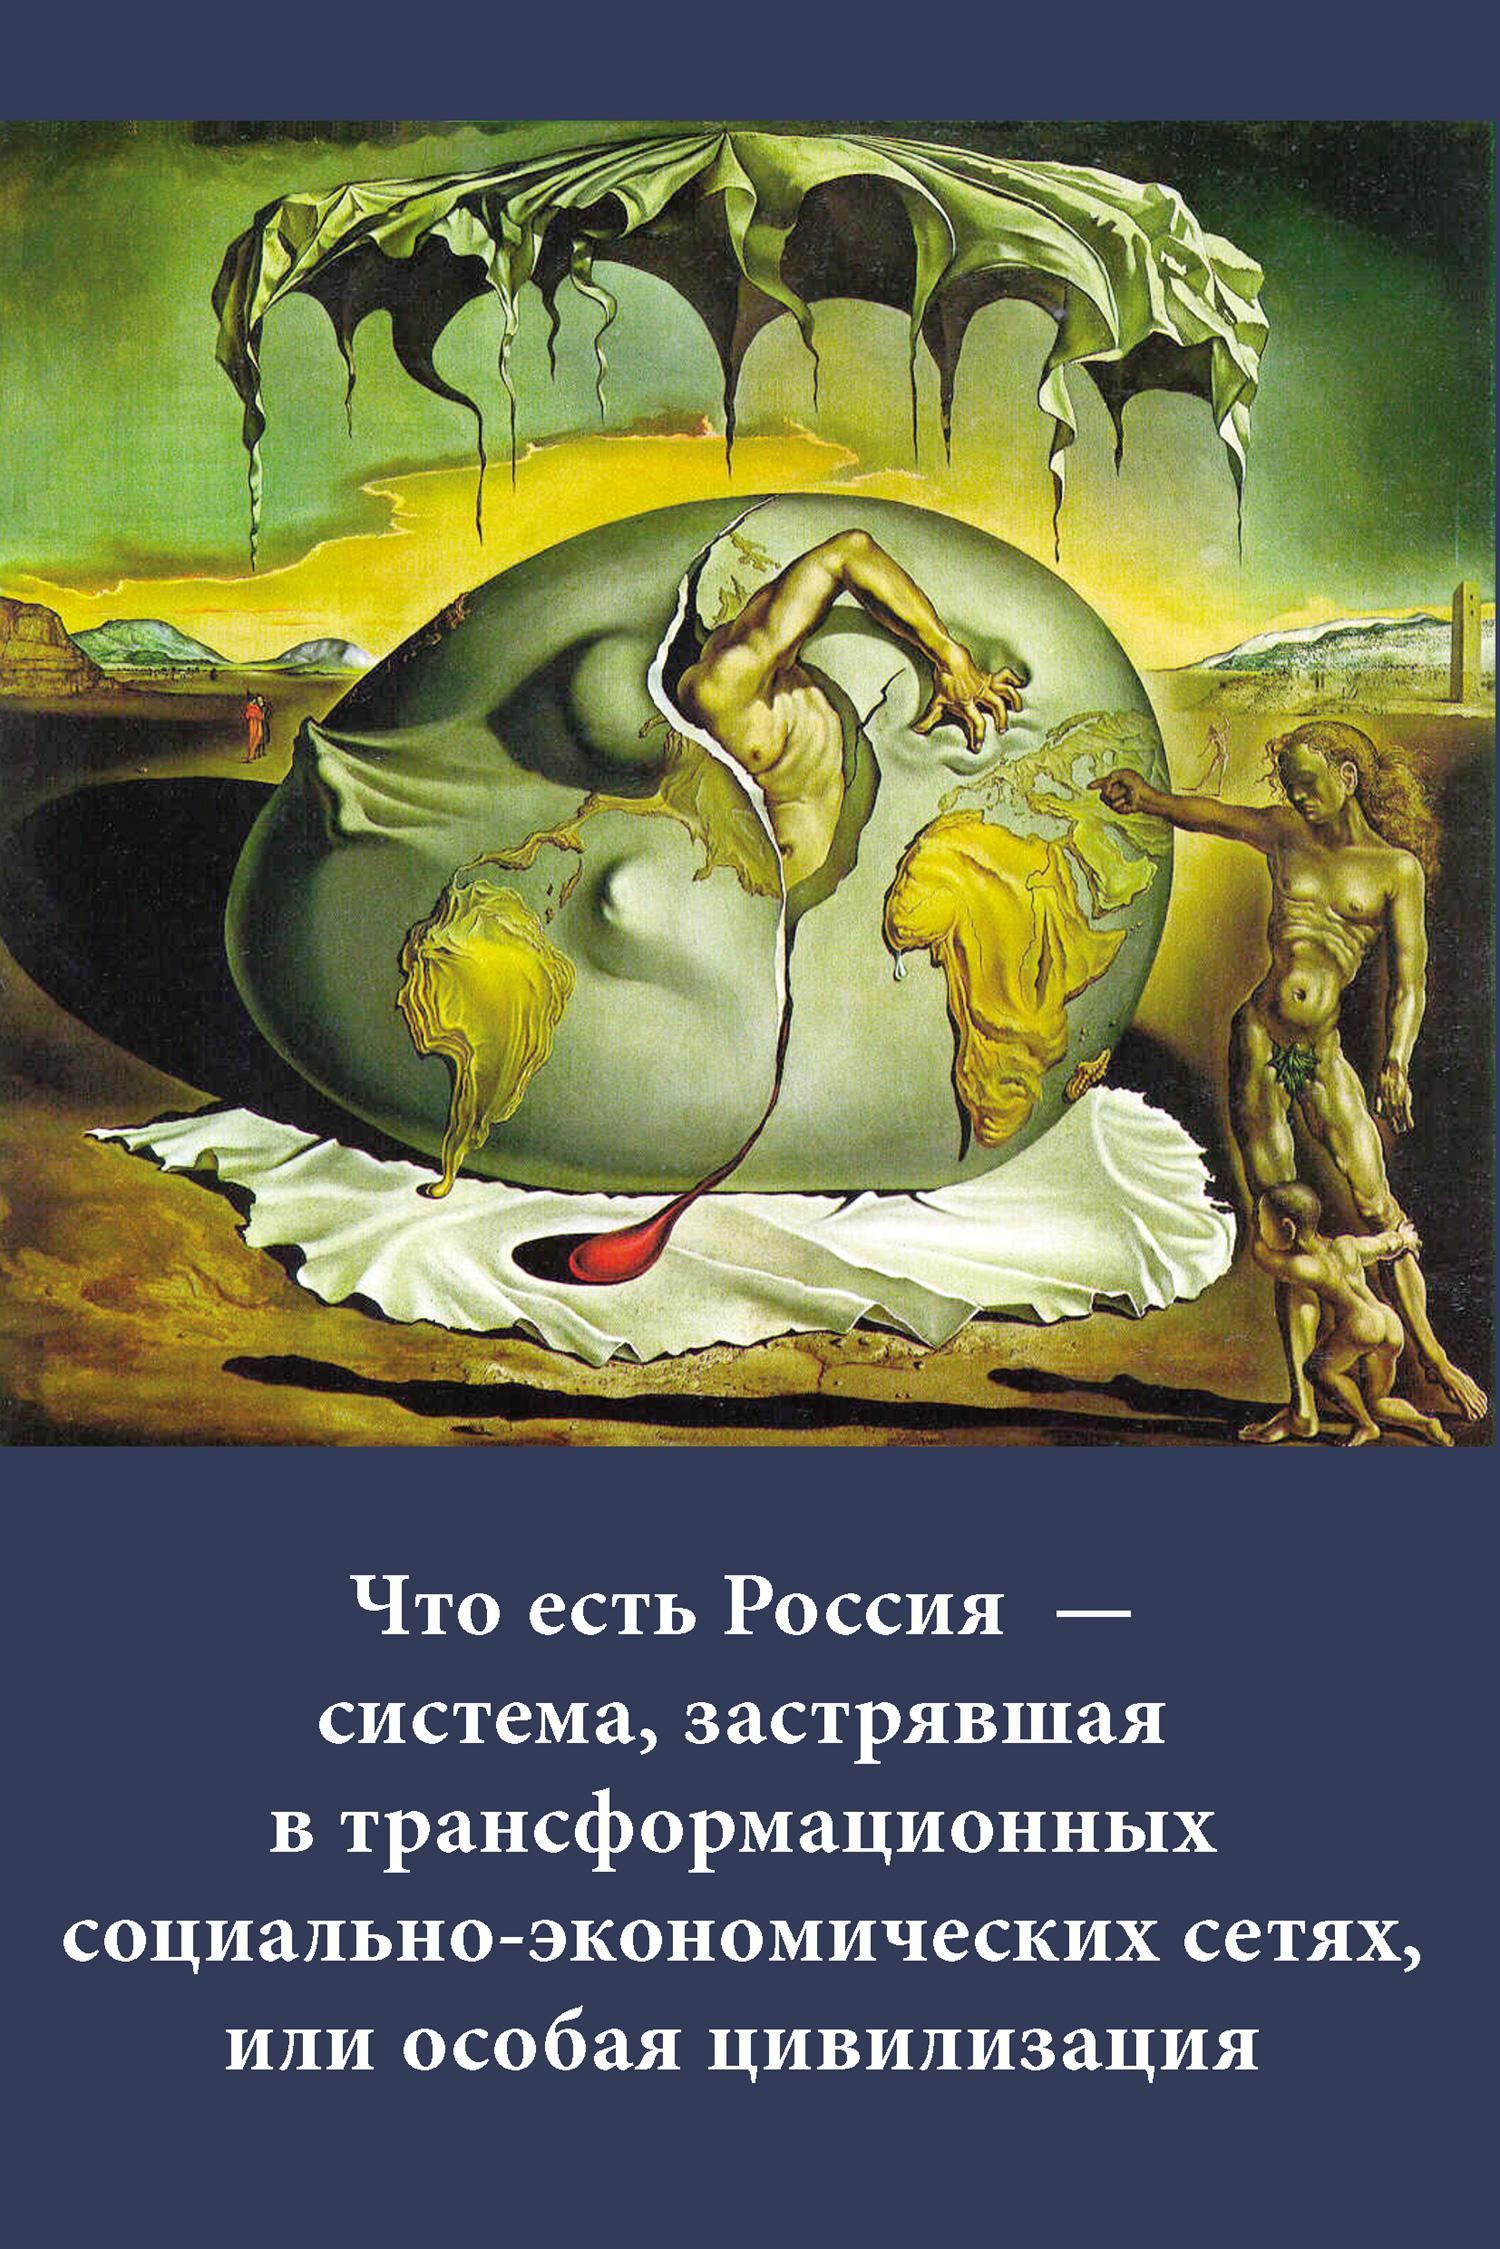 Россия и человечество: проблемы миростроительства. Выпуск 7: Что есть Россия – система, застрявшая в трансформационных социально-экономических сетях, или особая цивилизация